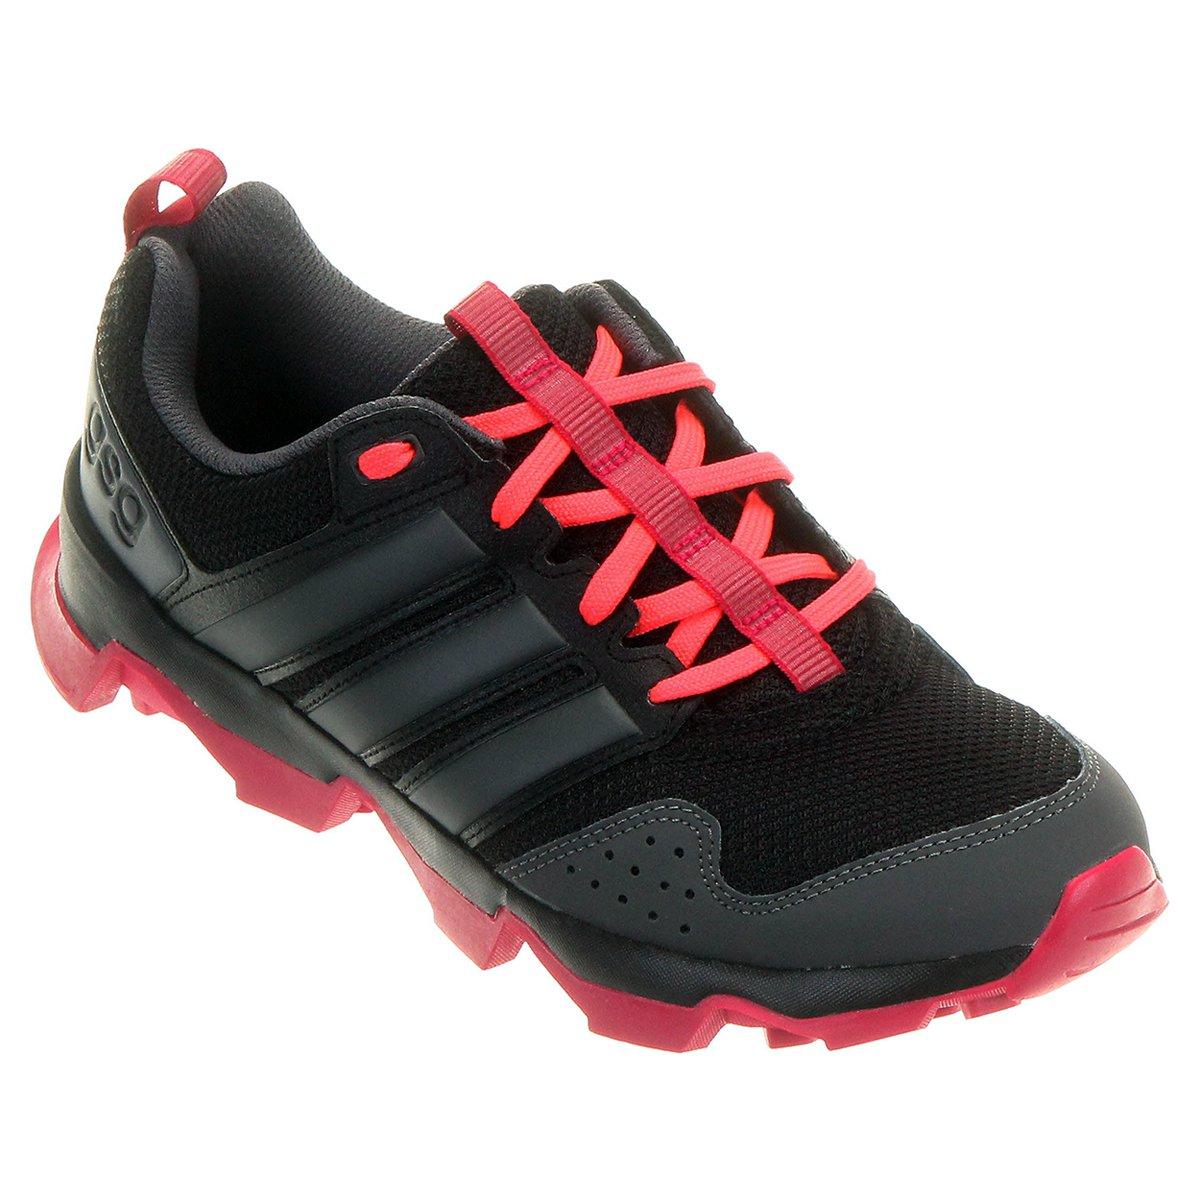 Tênis Adidas Gsg9 Tr Feminino - Compre Agora  03b9543439e7a